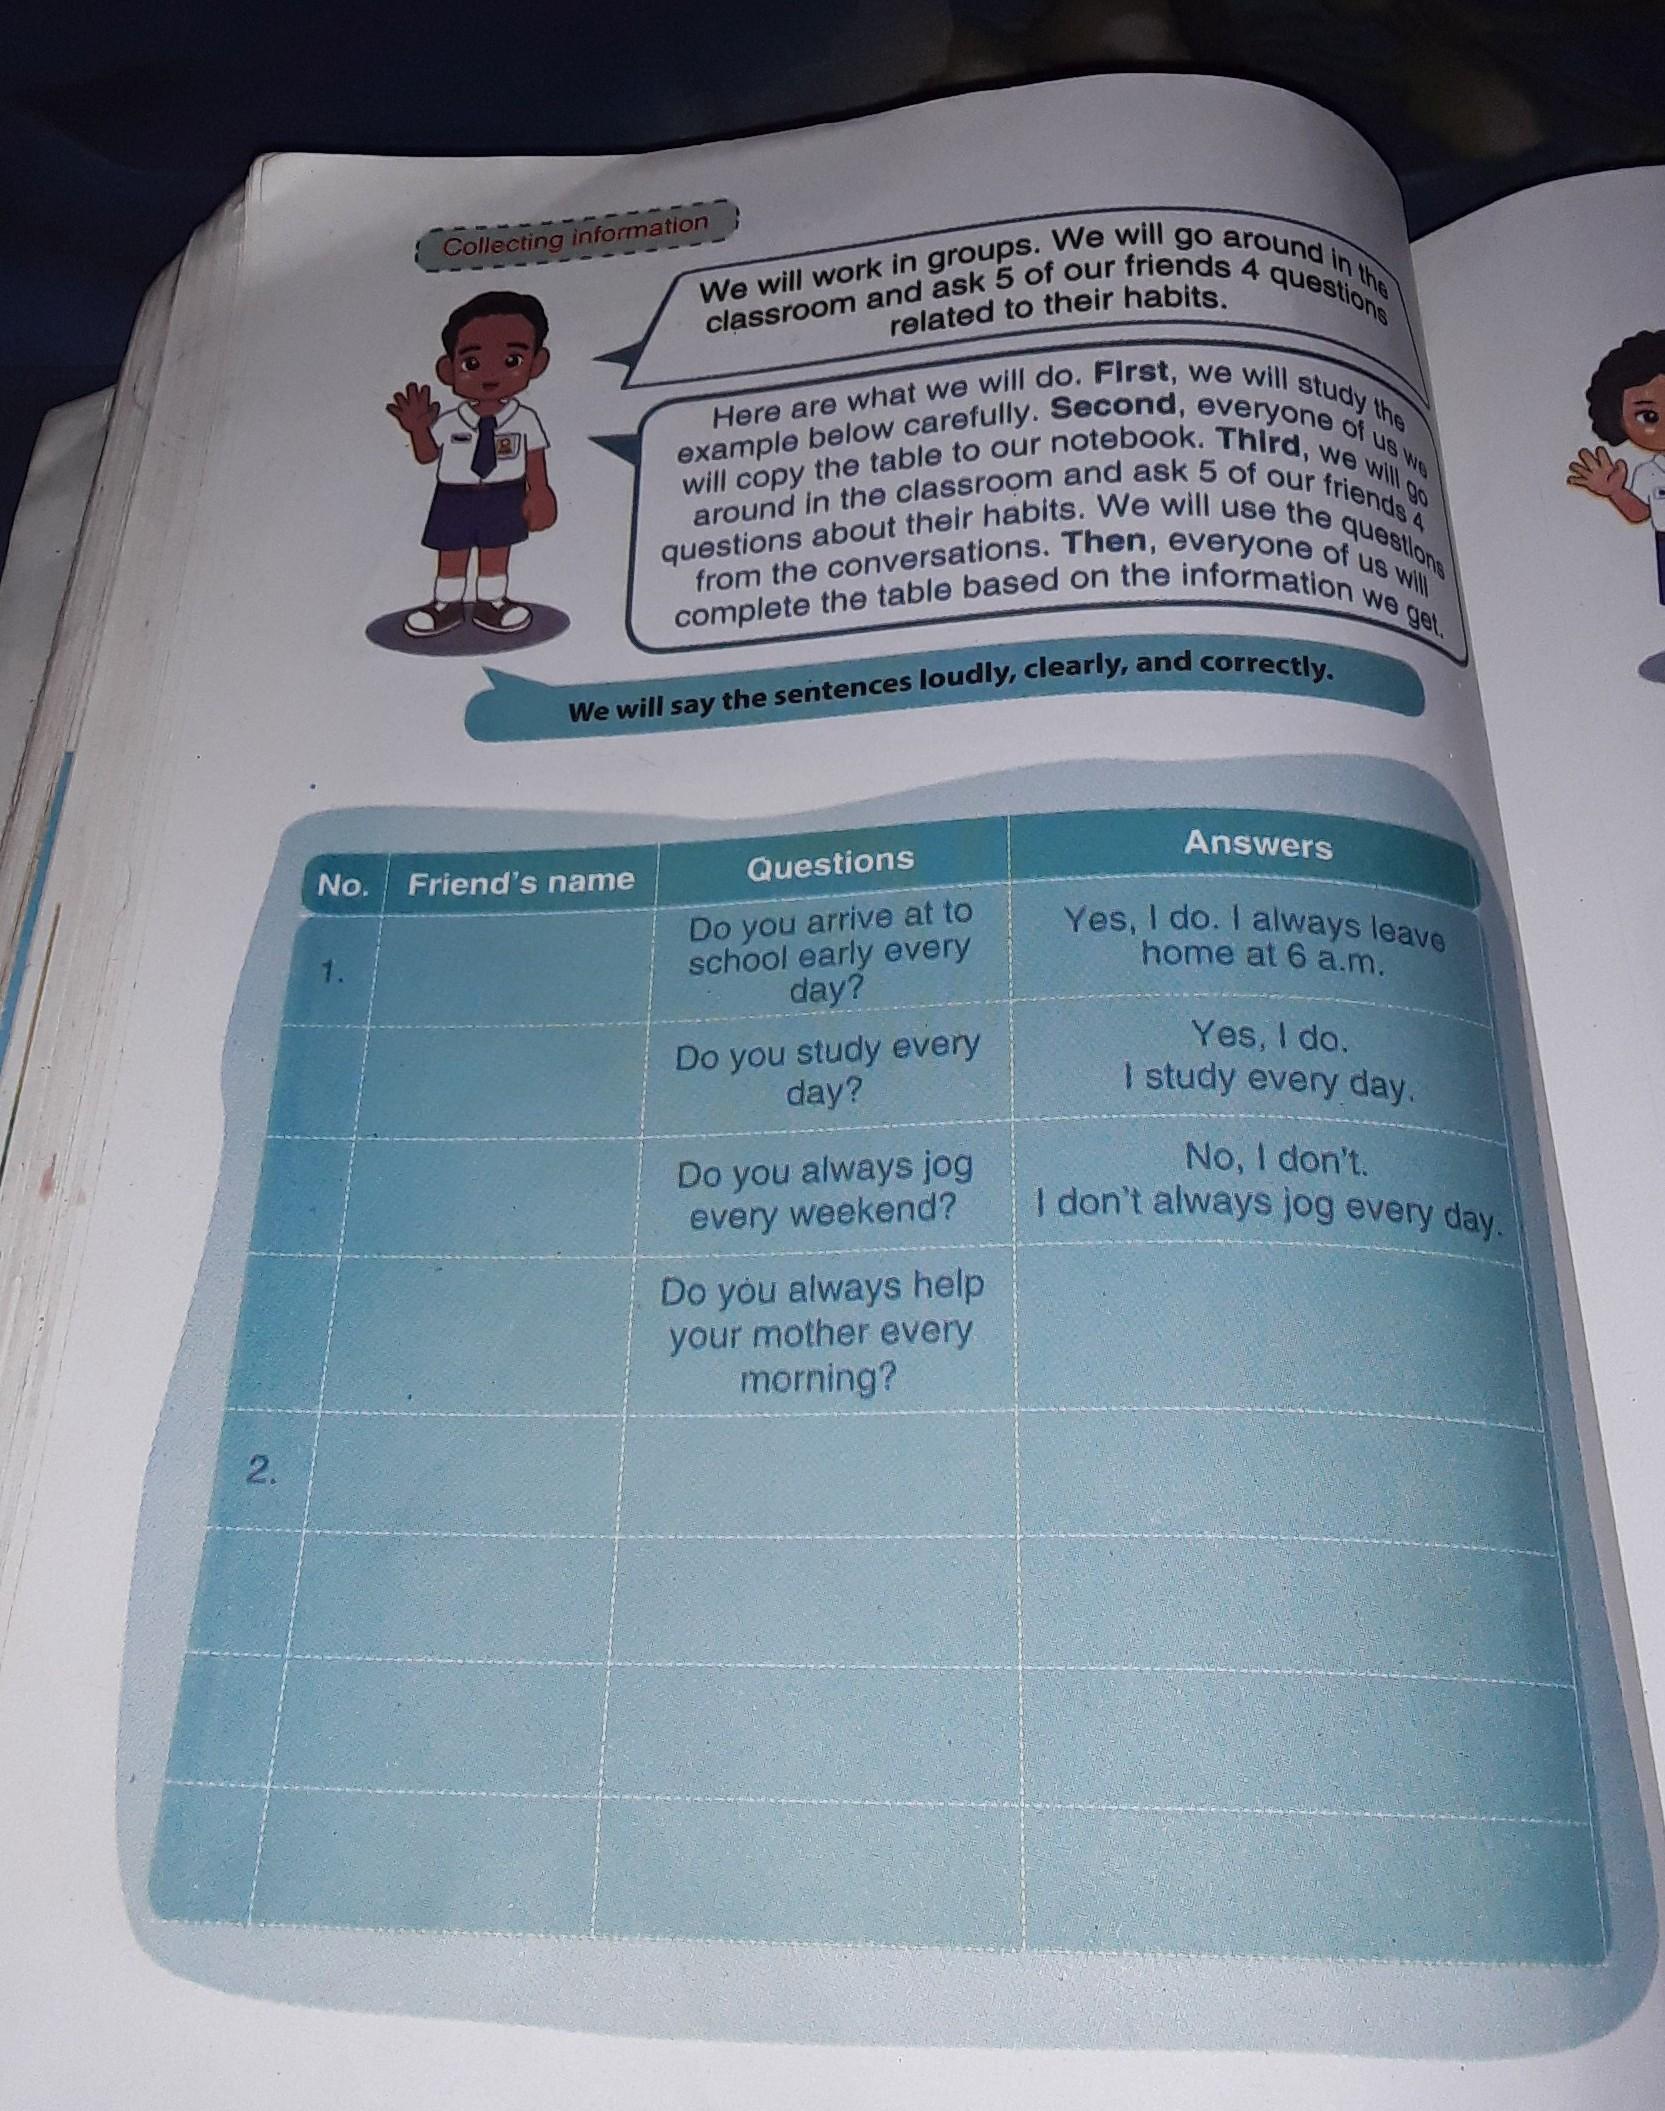 Jawaban Bahasa Inggris Kelas 7 Halaman 138 Kerjain Yang Benar Jika Tidak Benar Akan Di Blokir Brainly Co Id